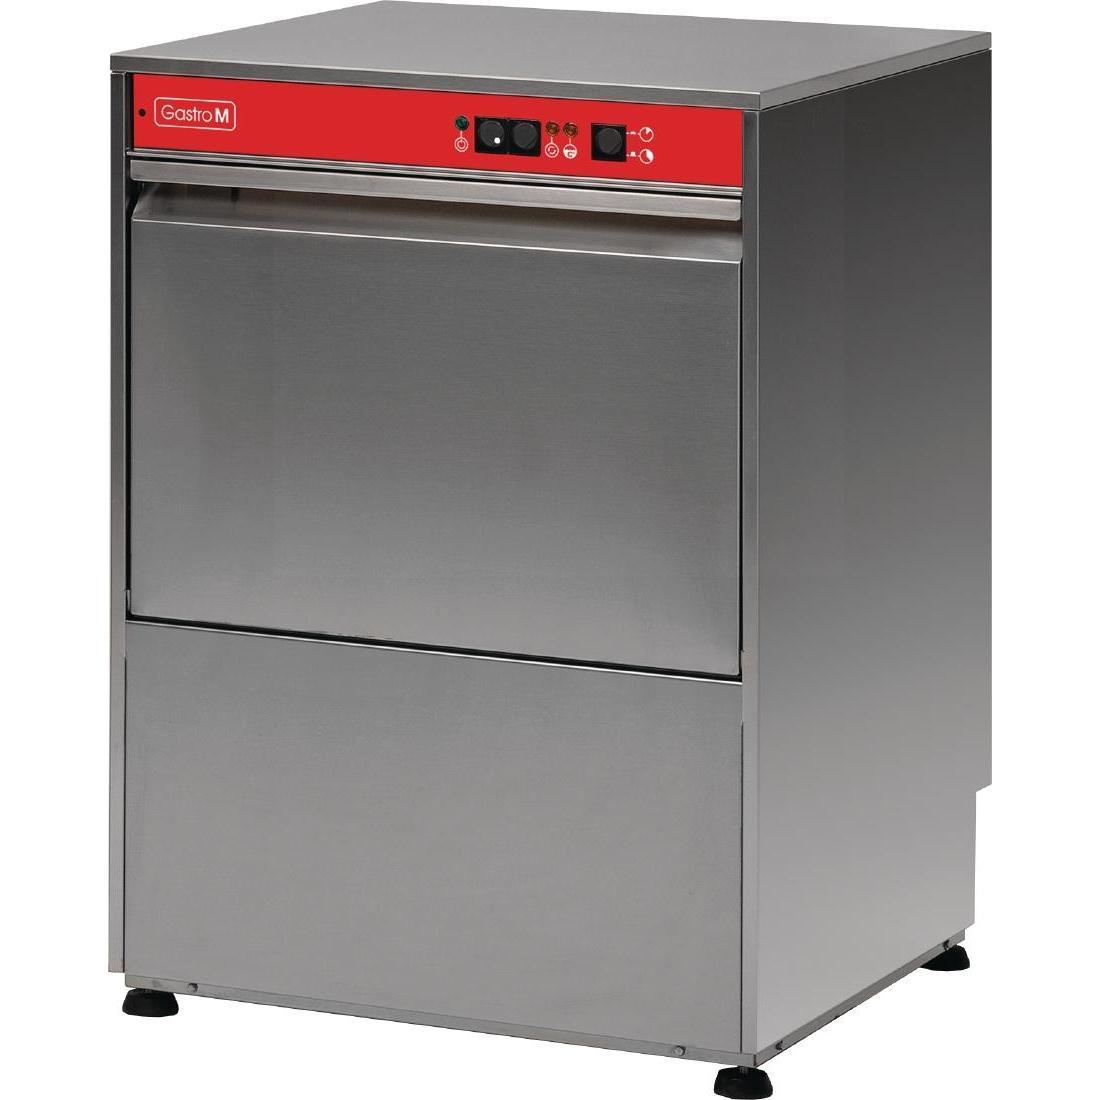 Lave-vaisselle DW50 Gastro M 230 volt